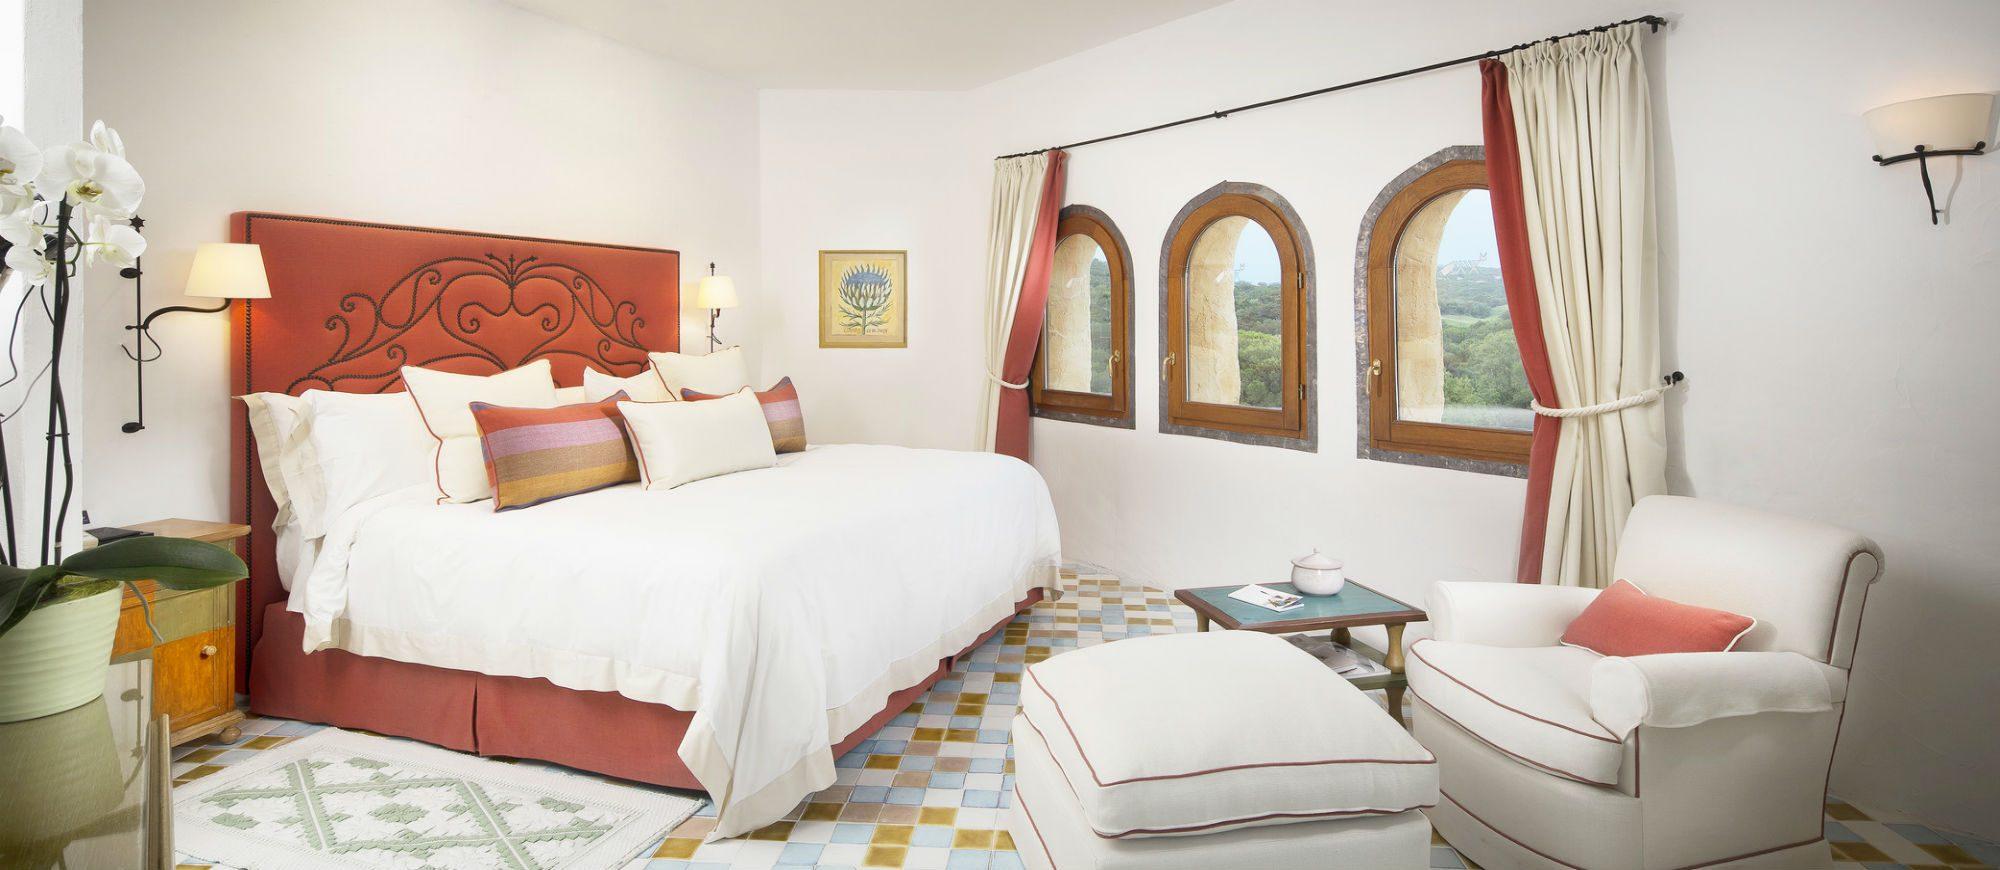 pent-main2-lux59gr-155335-penthouse-suite-bedroom